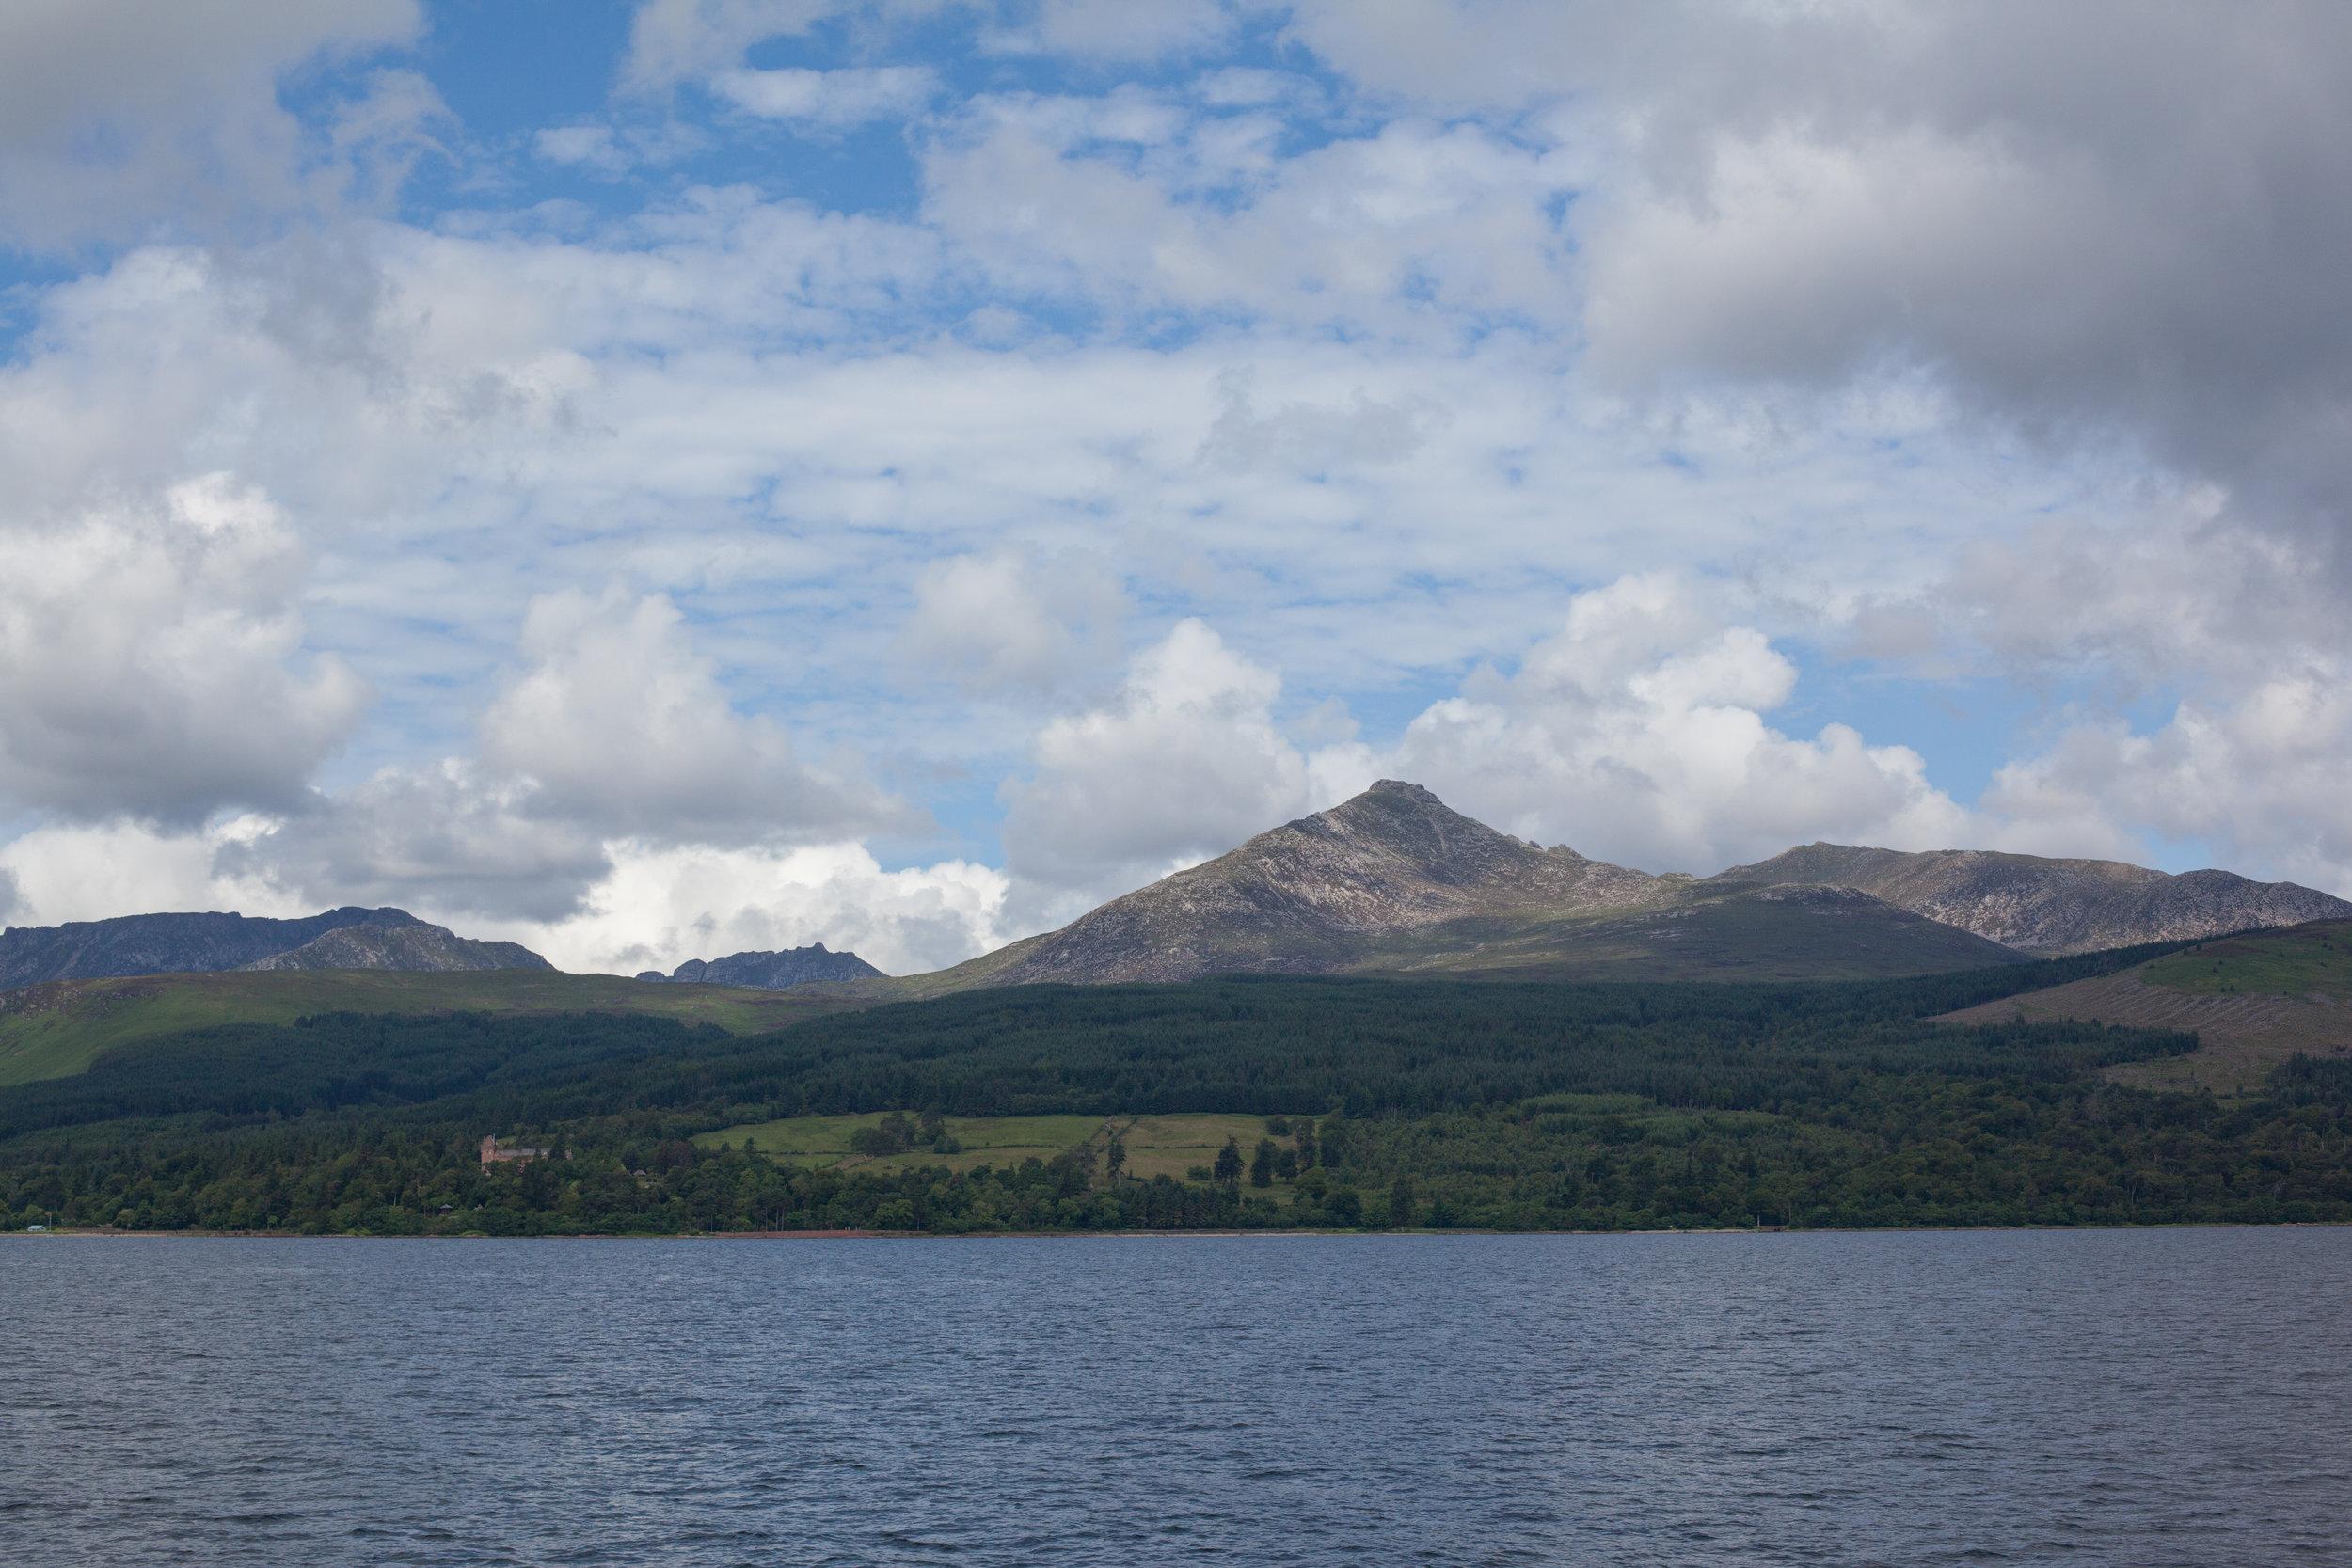 Beautiful Scotland in a landscape photo.